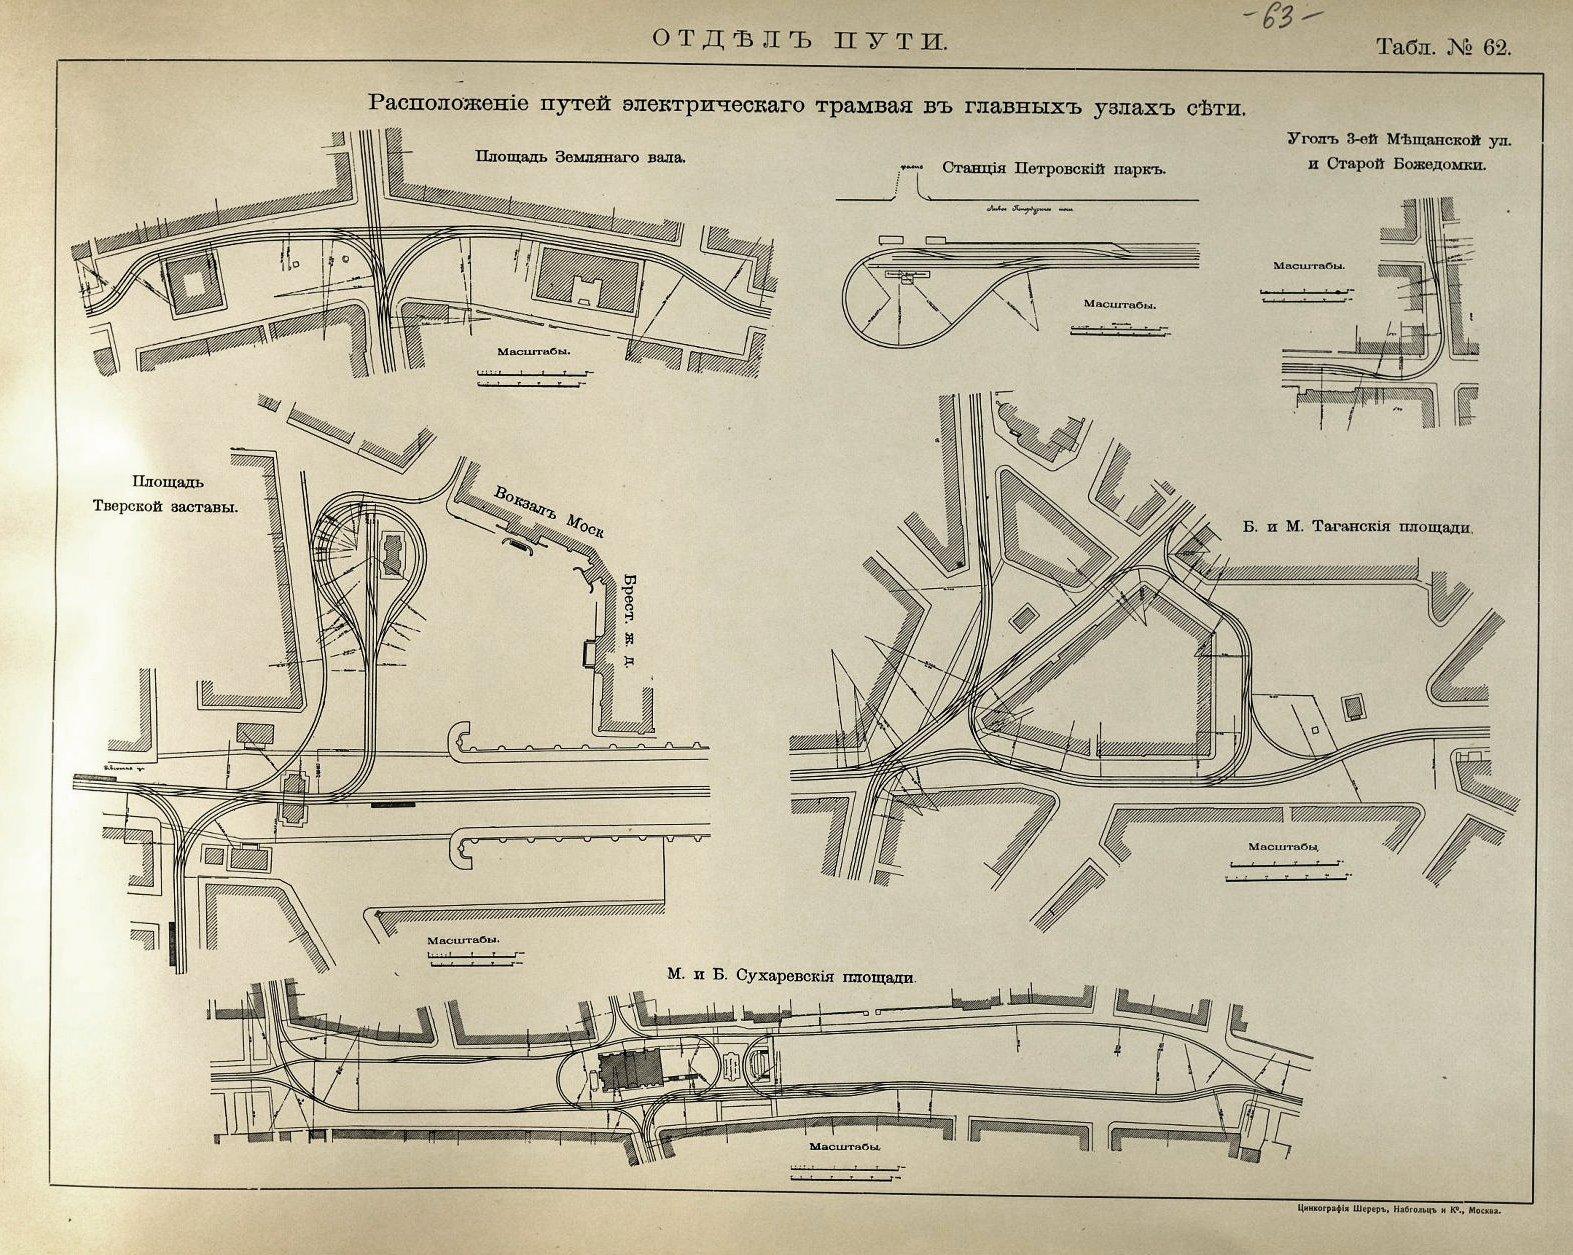 63. Расположение путей электрического трамвая в главных узлах сети